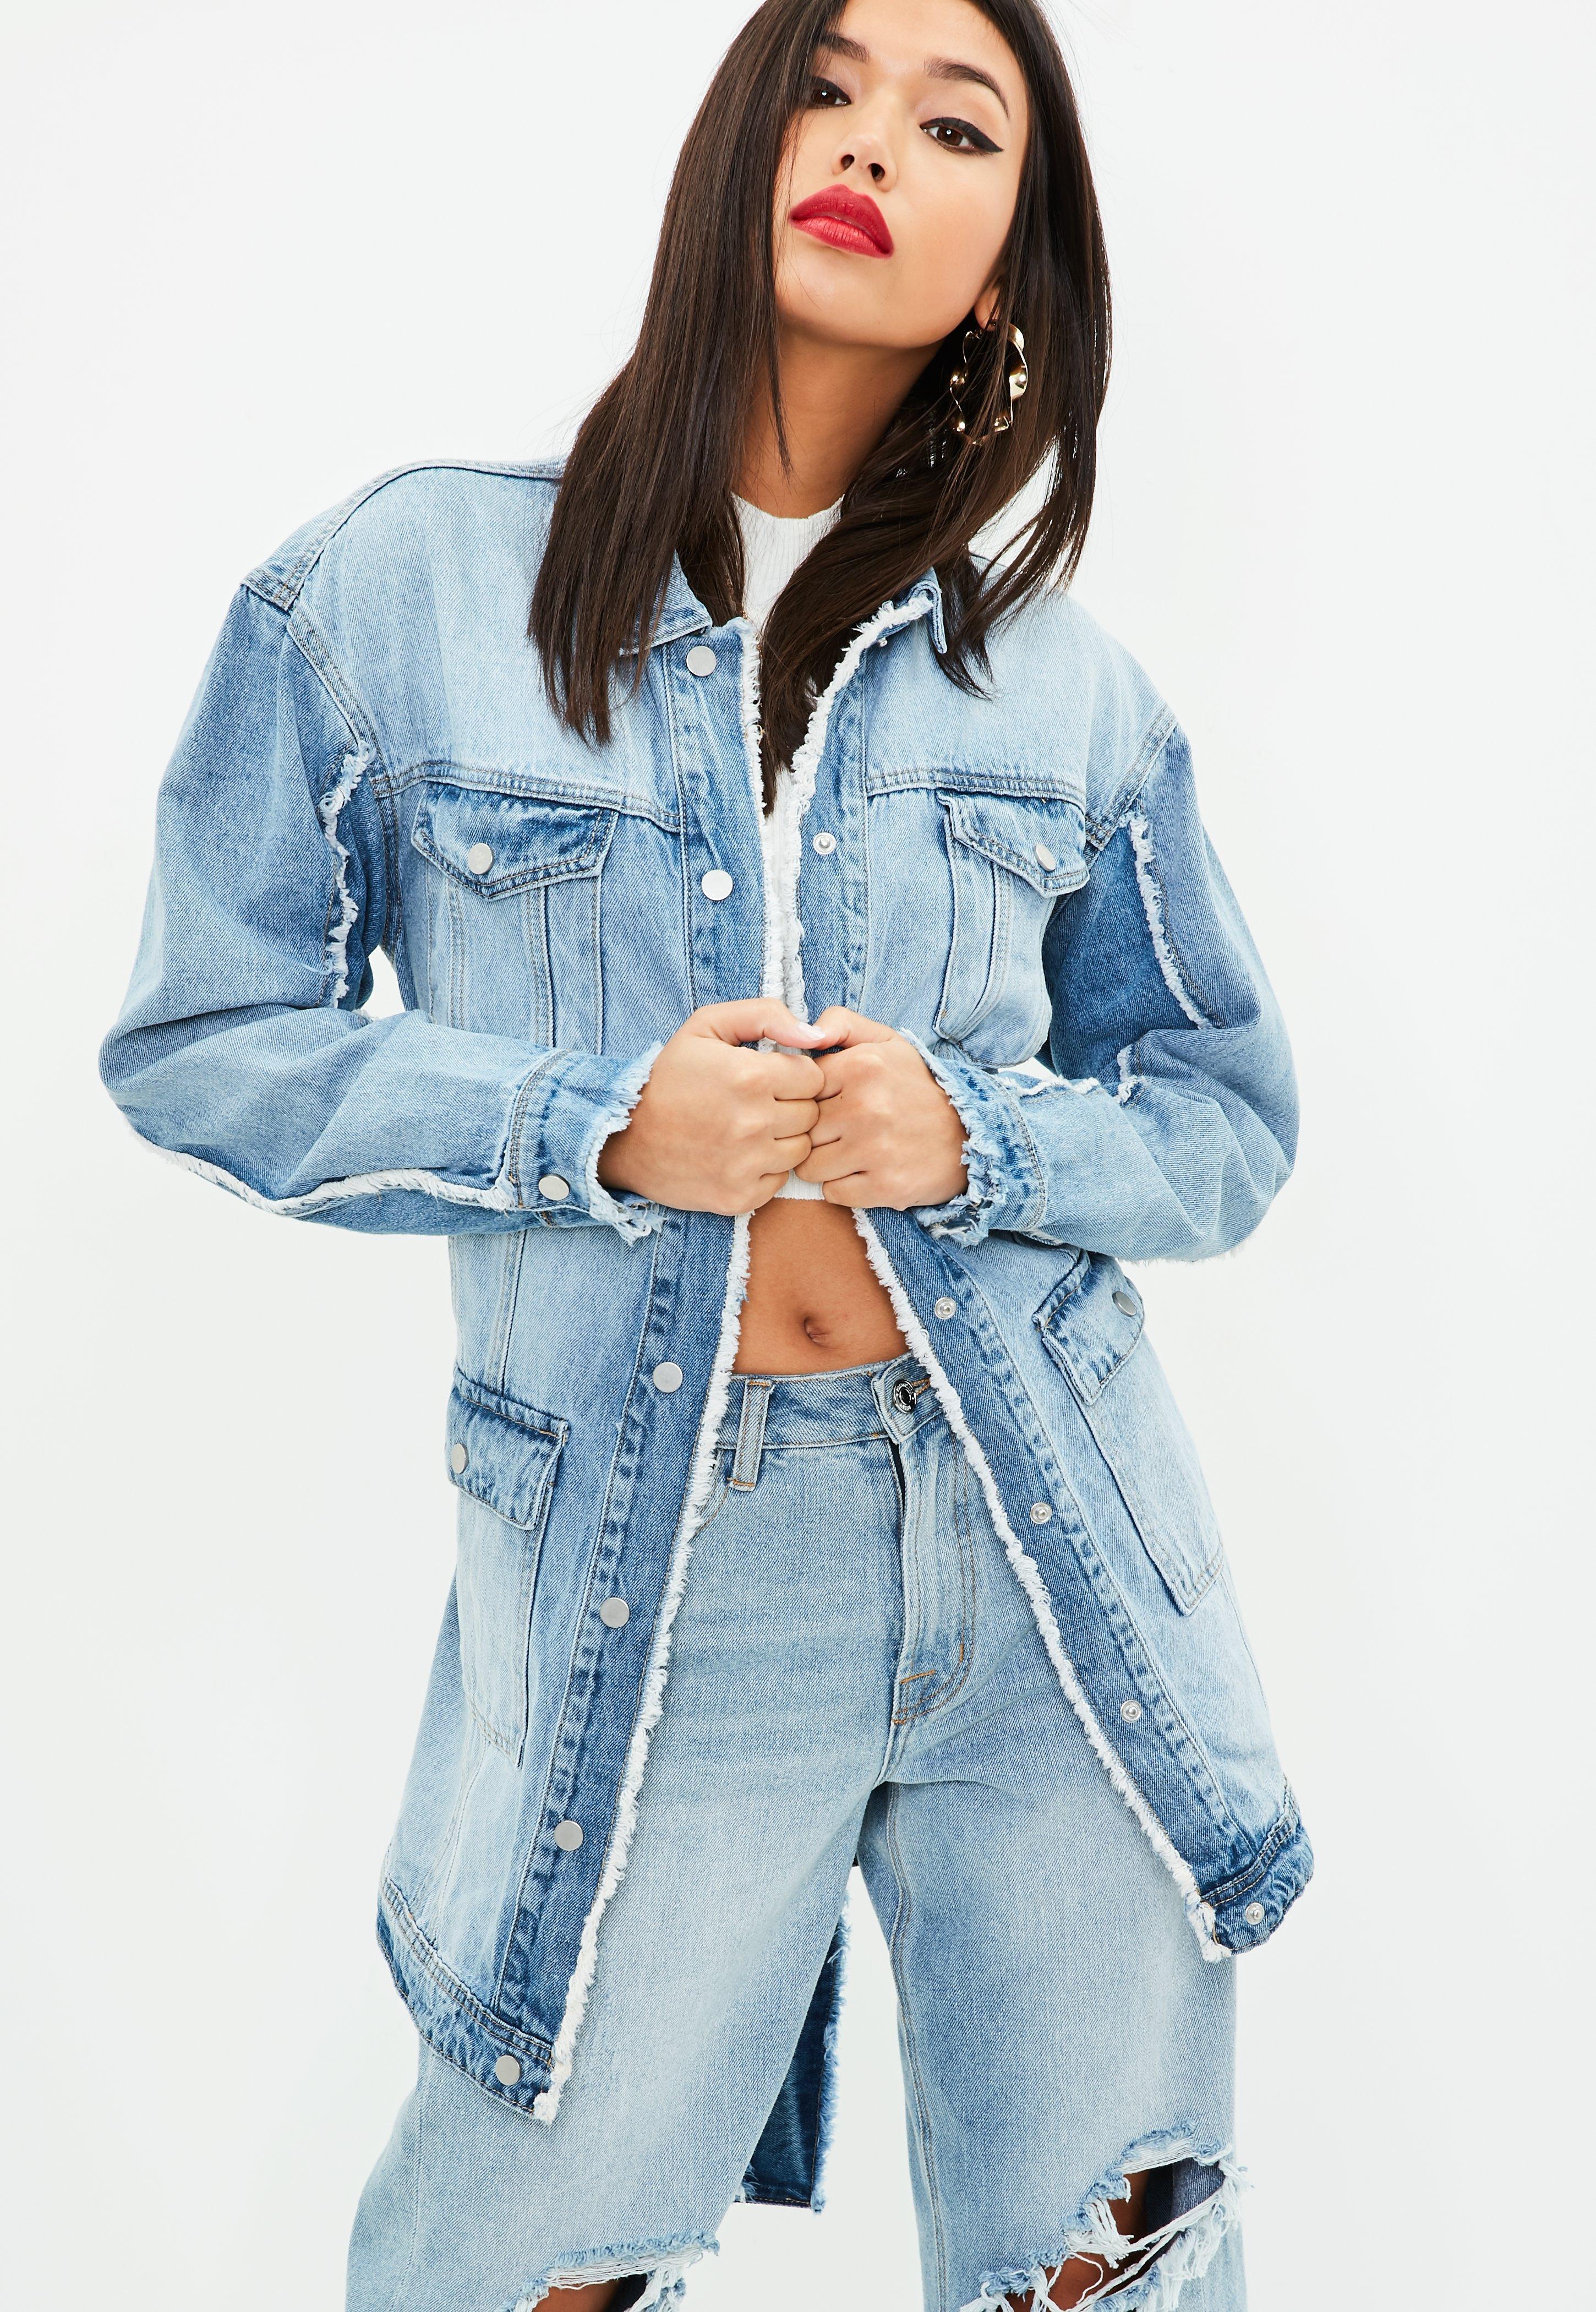 Chemise Jean Longue se rapportant à sur-chemise bleue longue en jean | missguided